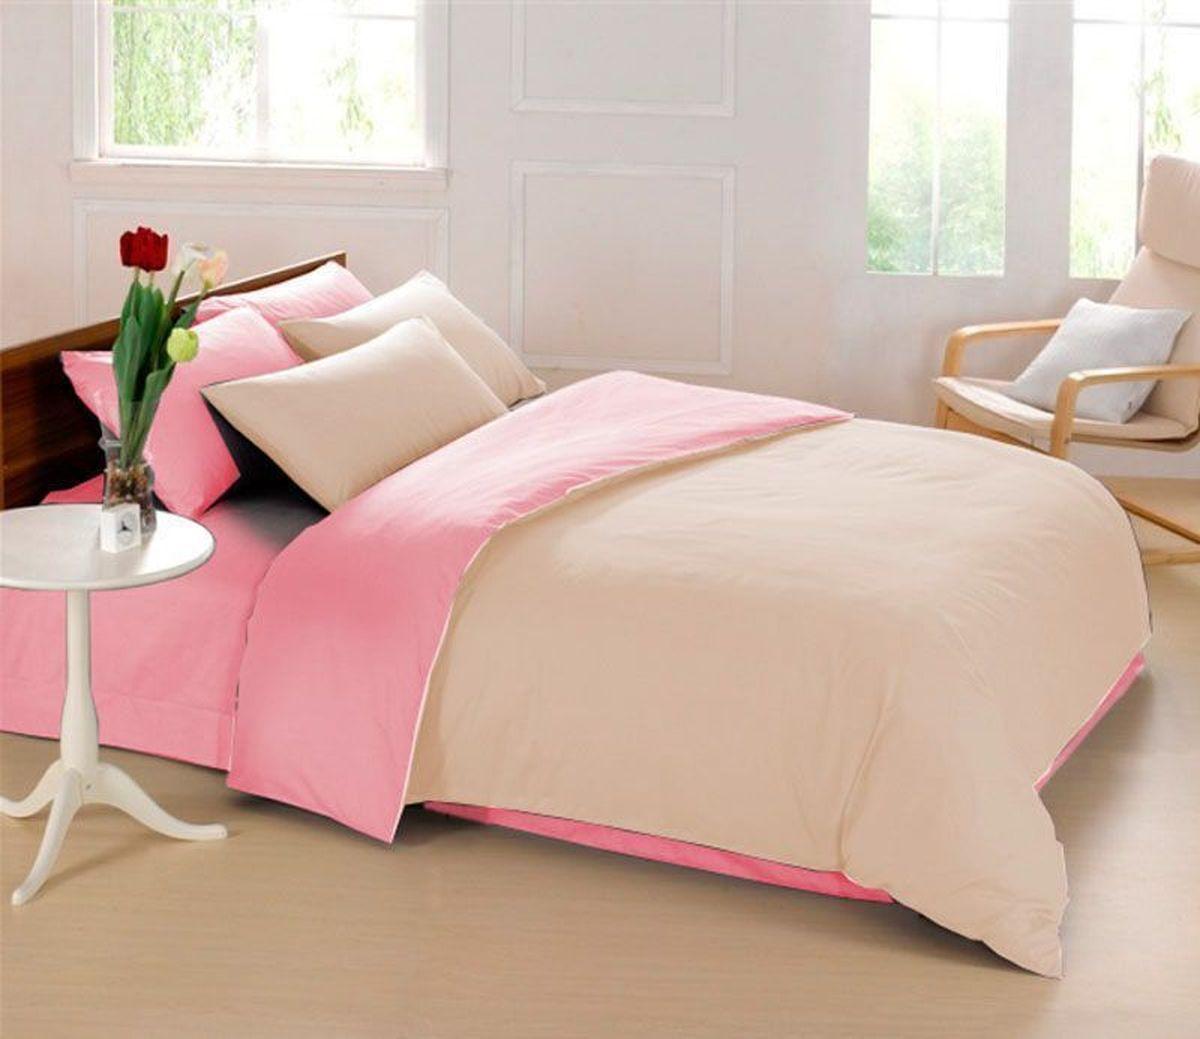 Комплект белья Sleep iX Perfection, семейный, наволочки 50х70, 70х70,цвет: розовый, бежевыйDAVC150Комплект постельного белья Sleep iX Perfection состоит из двух пододеяльников, простыни и четырех наволочек. Предметы комплекта выполнены из абсолютно гипоаллергенной микрофибры, неприхотливой в уходе.Благодаря такому комплекту постельного белья вы сможете создать атмосферу уюта и комфорта в вашей спальне.Известно, что цвет напрямую воздействует на психологическое и физическое состояние человека. Бежевый – обладает внутренней теплотой, заряжает положительной энергетикой и способствует формированию душевной гармонии. Человек ощущает себя в окружении бежевого цвета очень спокойно. Розовый – нежный и сентиментальный цвет. Обеспечивает здоровый сон, способствует мышечному расслаблению, успокаивает нервную систему.